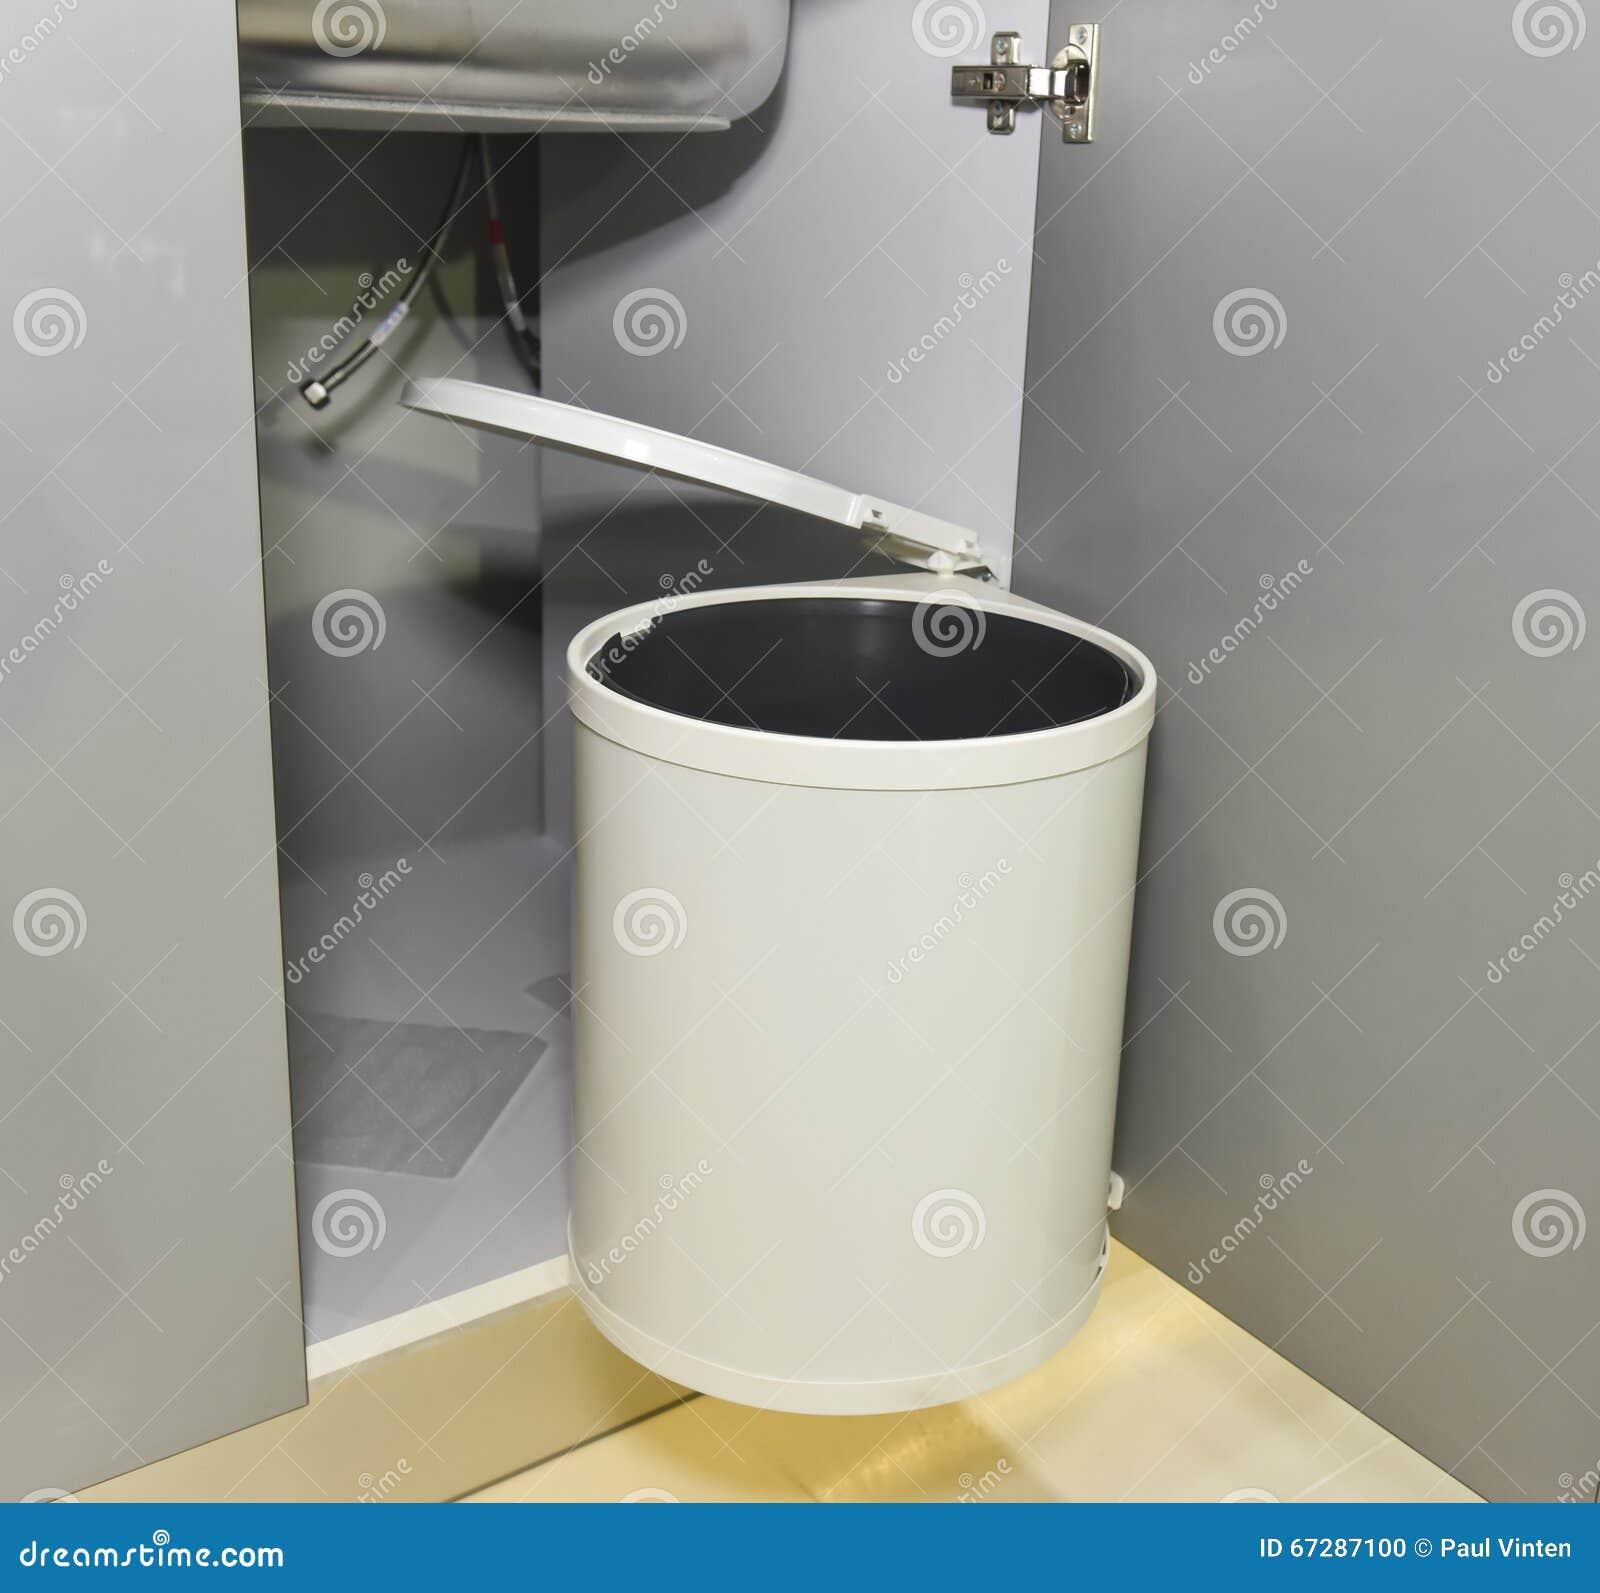 mülleimer, der an der küchenschranktür hängt stockfoto - bild von